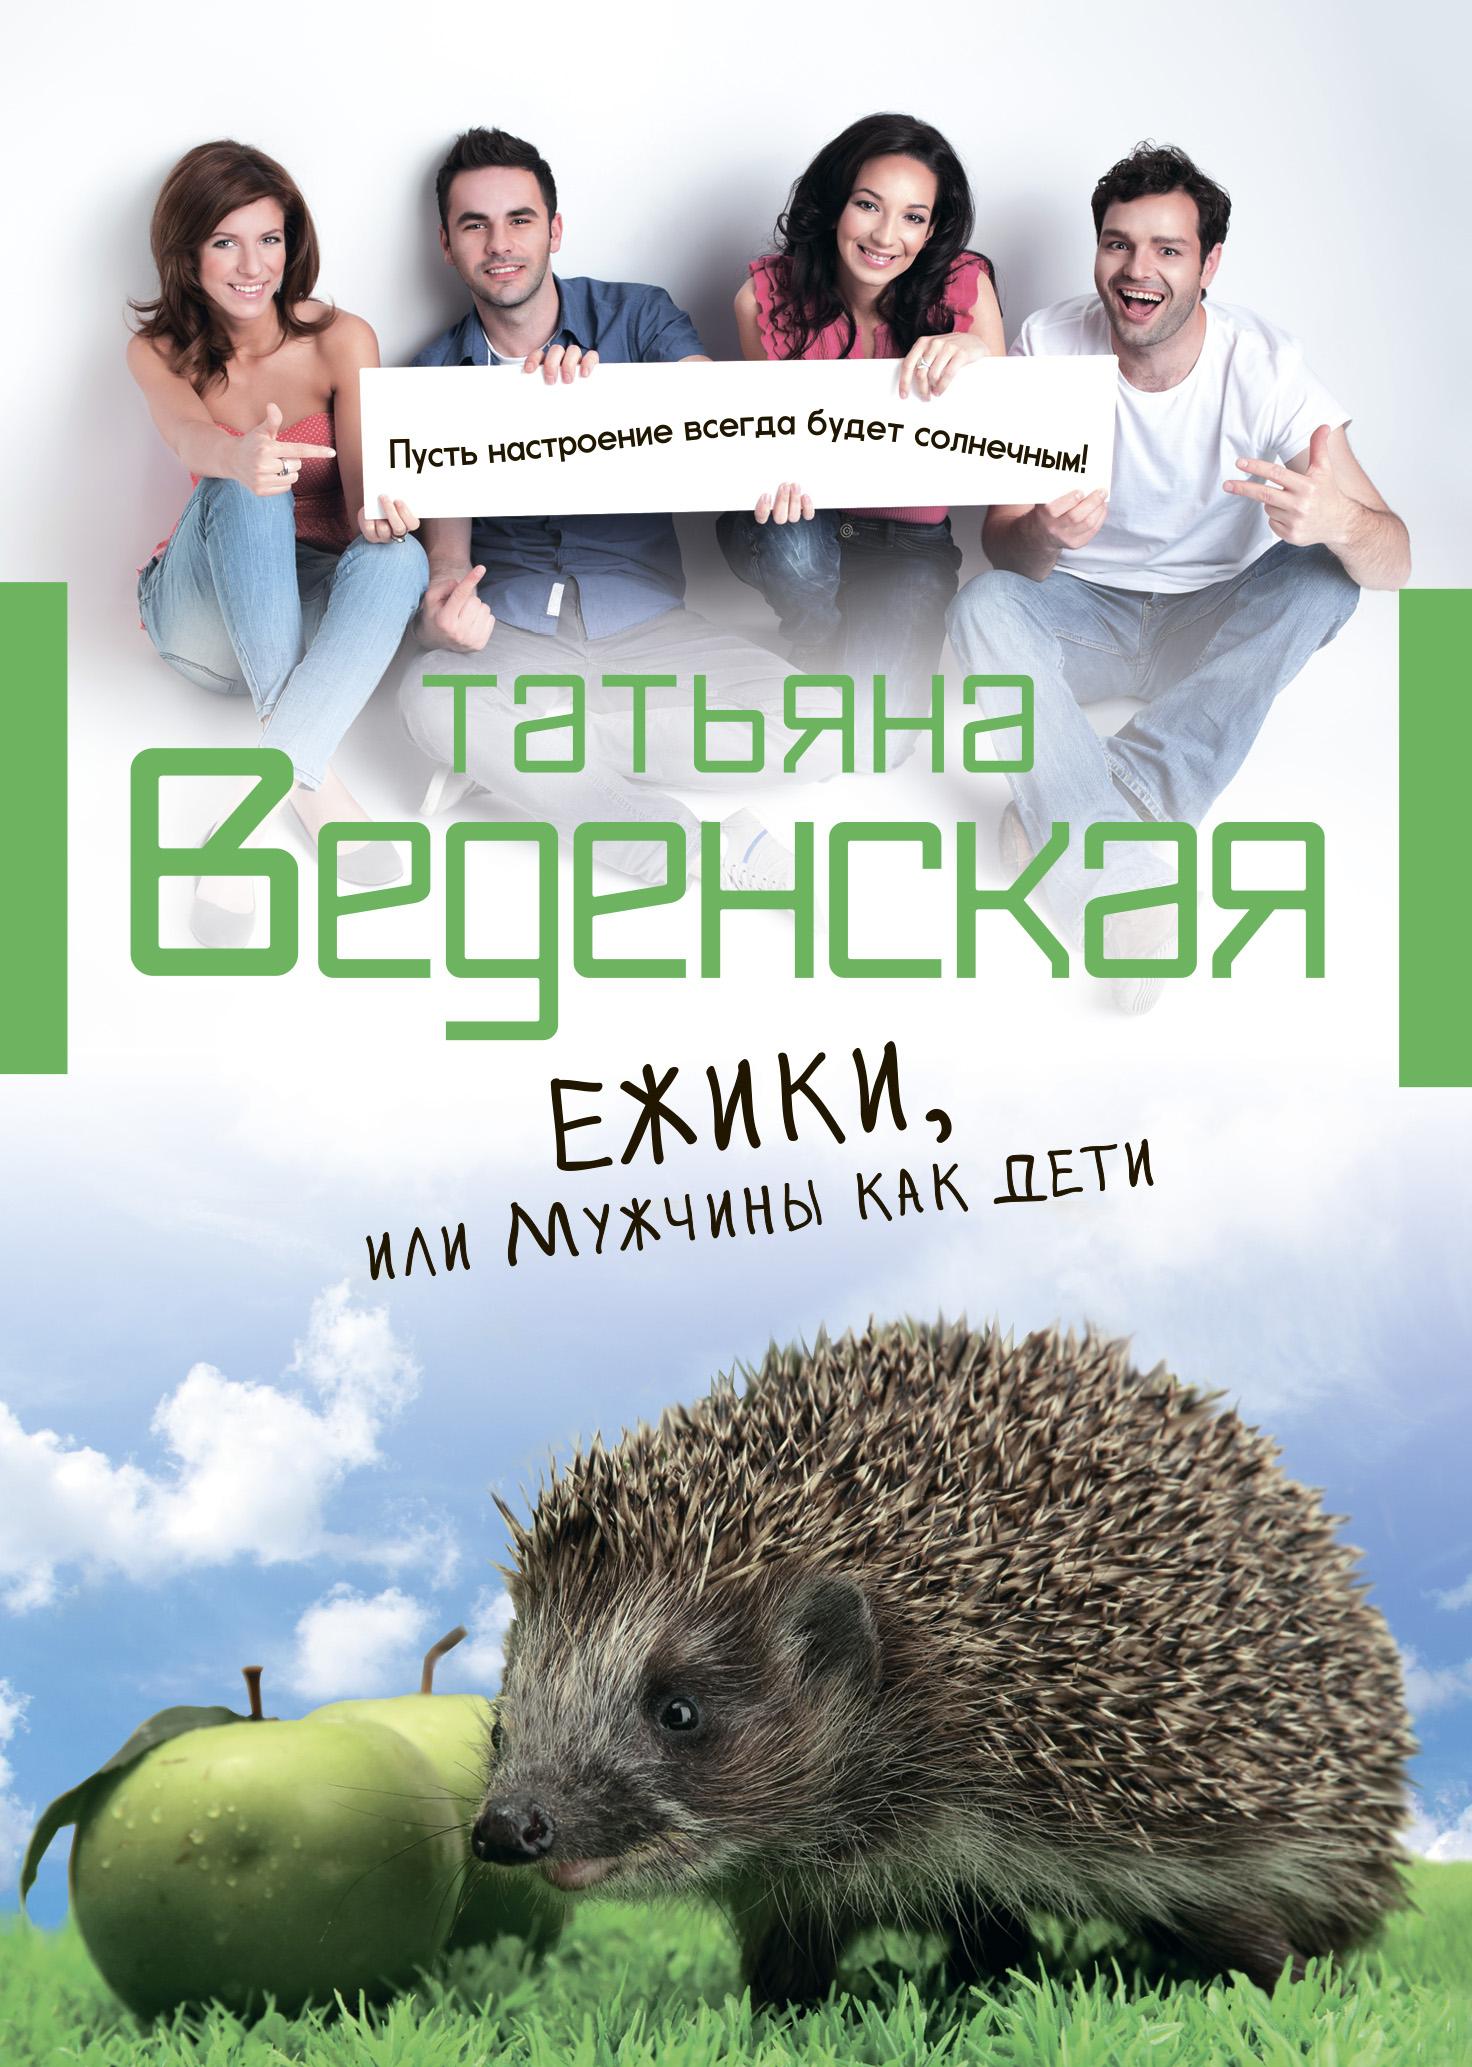 Татьяна Веденская Ежики, или Мужчины как дети чего же хотят женщины 2018 10 19t19 00